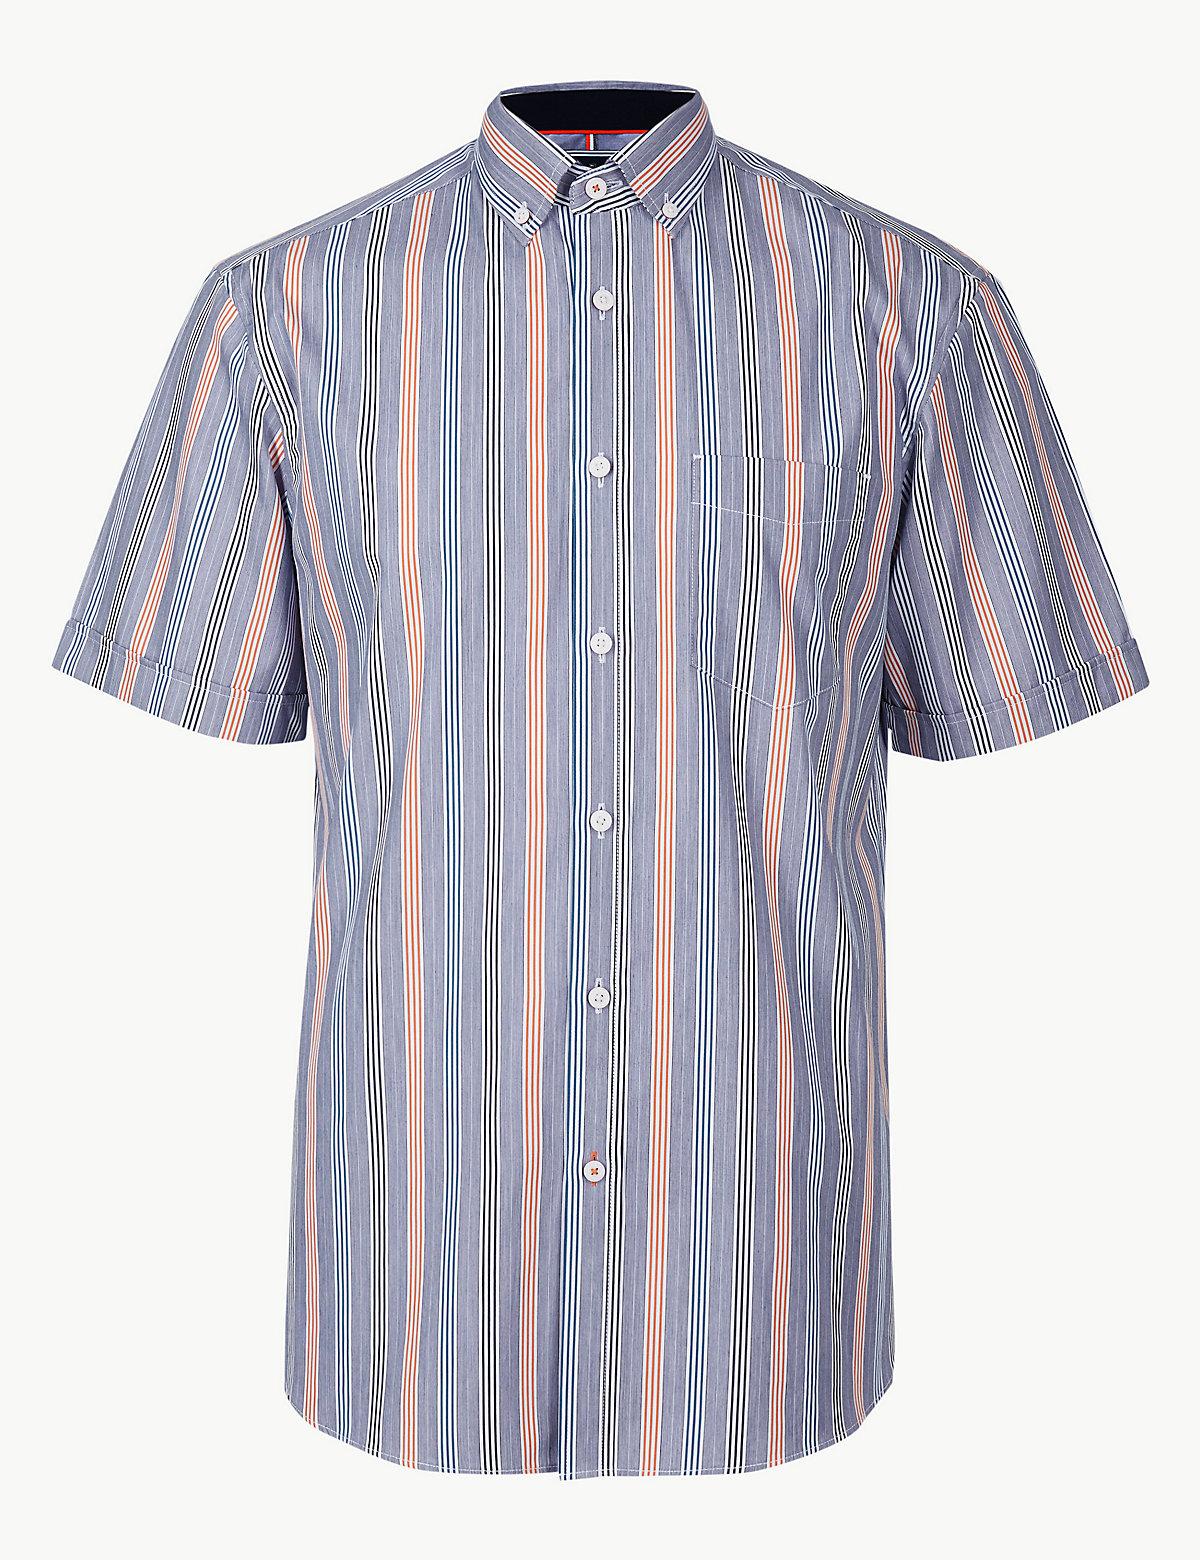 Мужская рубашка в вертикальную полоску